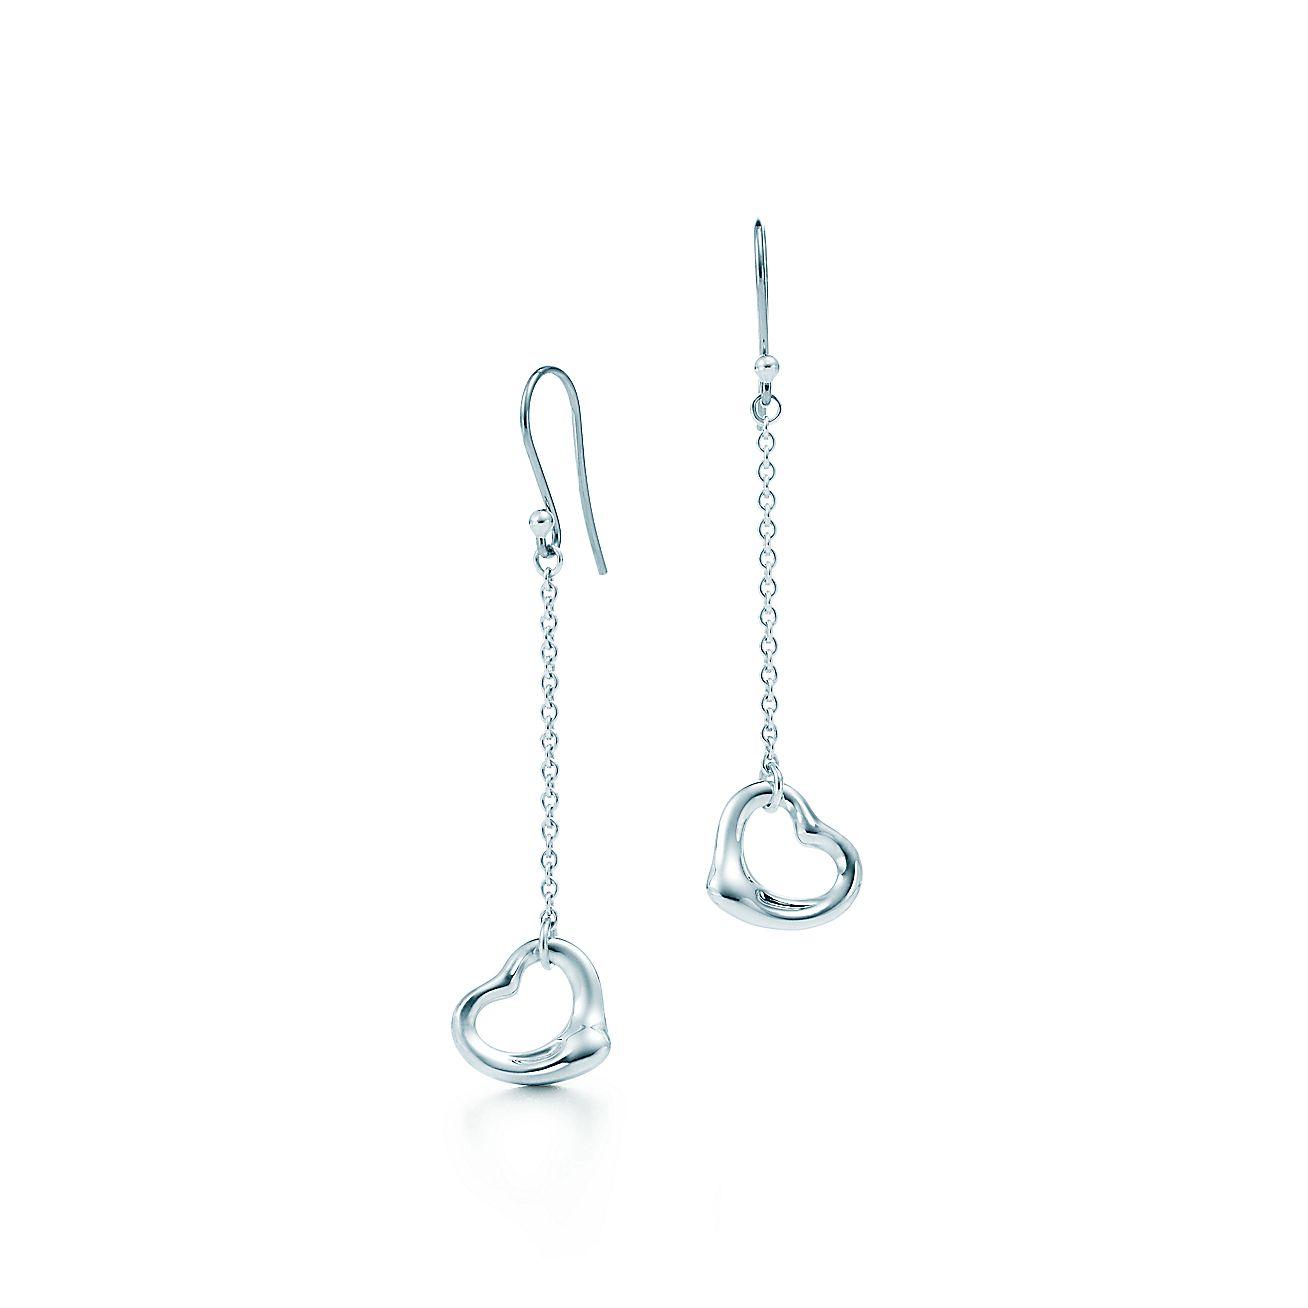 Elsa Peretti Open Heart Drop Earrings In Sterling Silver Tiffany Co